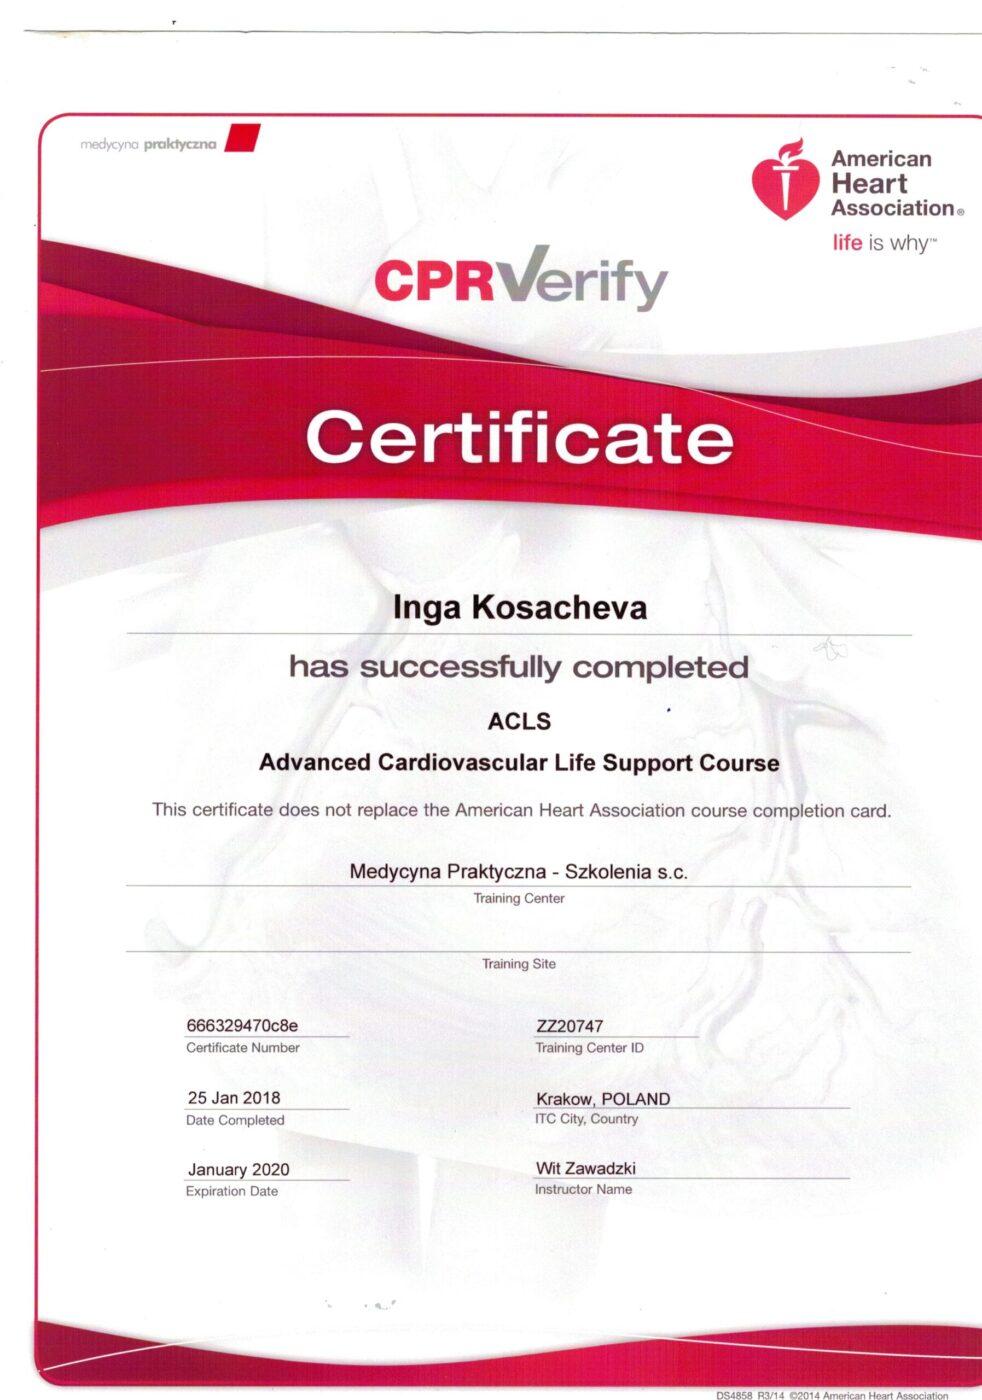 Сертификат подтверждающий участие Косачевой Инги в курсе ACLS